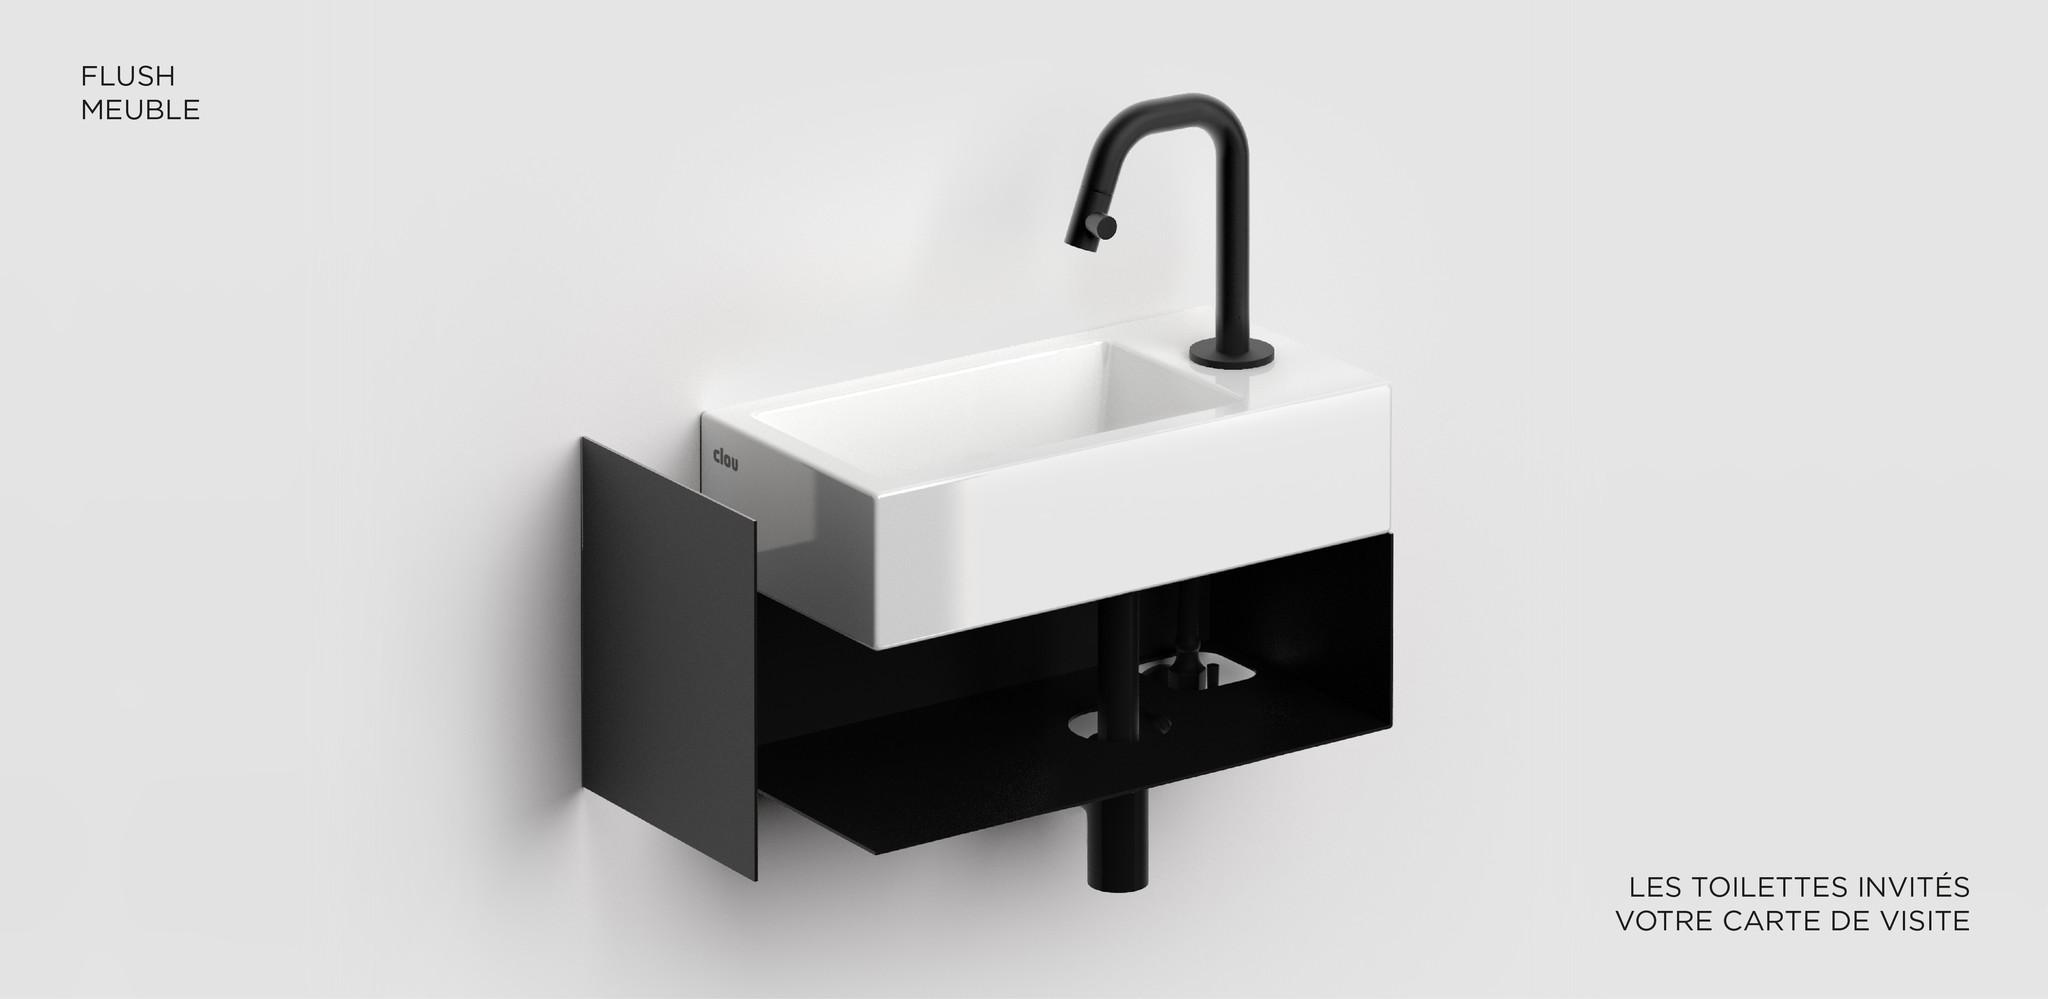 Flush cabinet - FR